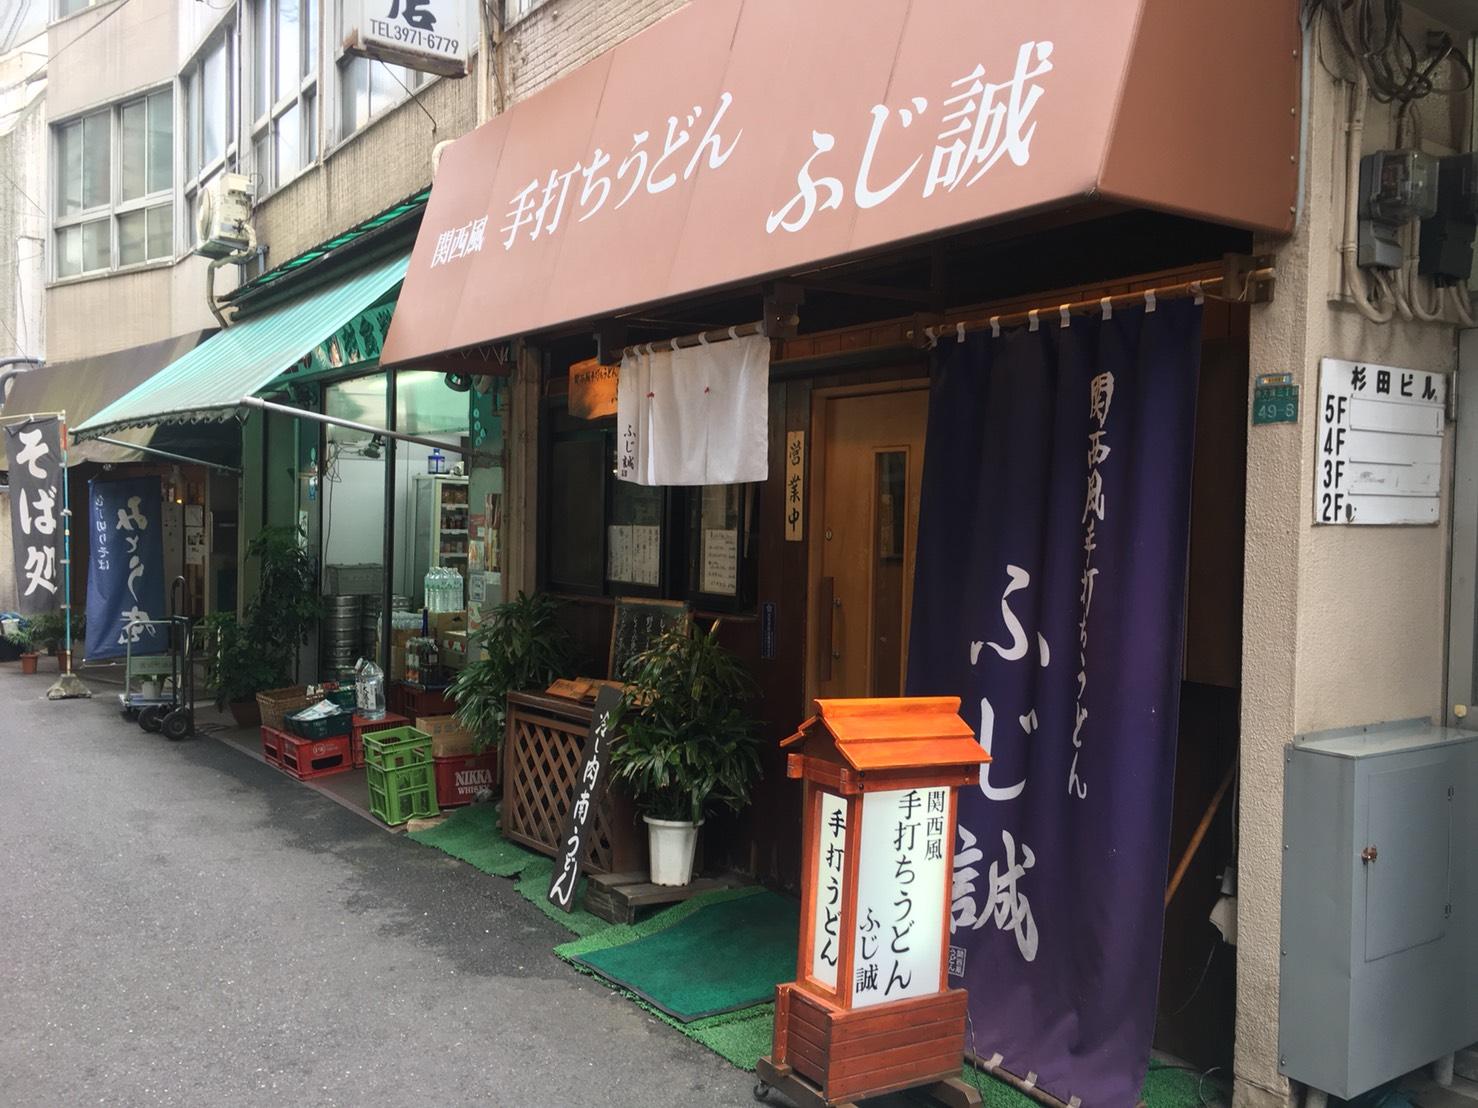 【大塚駅】関西風手打ちうどんチュルッとしたいよね「ふじ誠」の外観